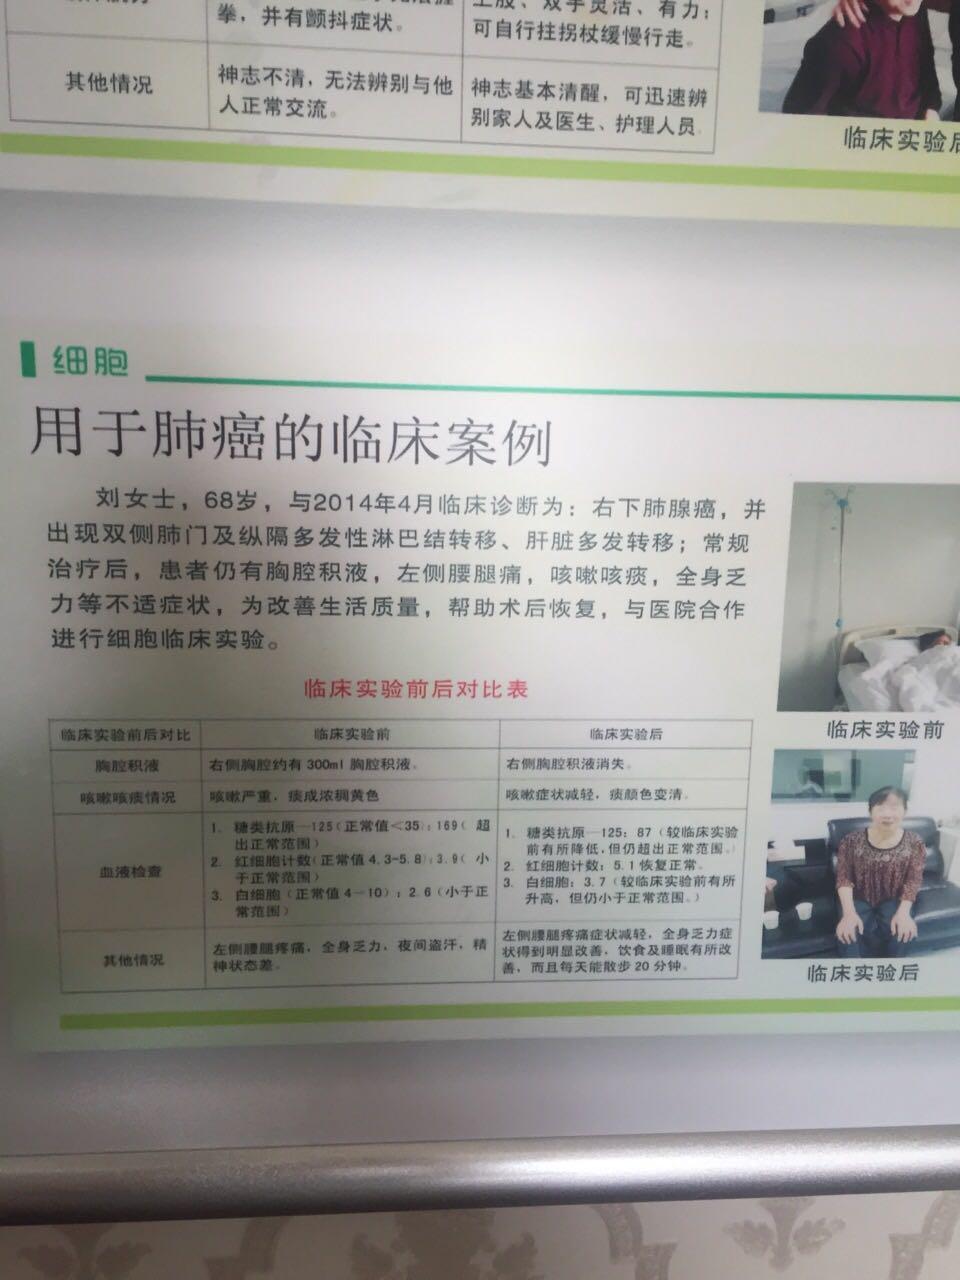 来自熊华强发布的招商投资信息:国家组织工程细胞库西南分库寻求合作,属高... - 重庆金时代生物技术有限公司